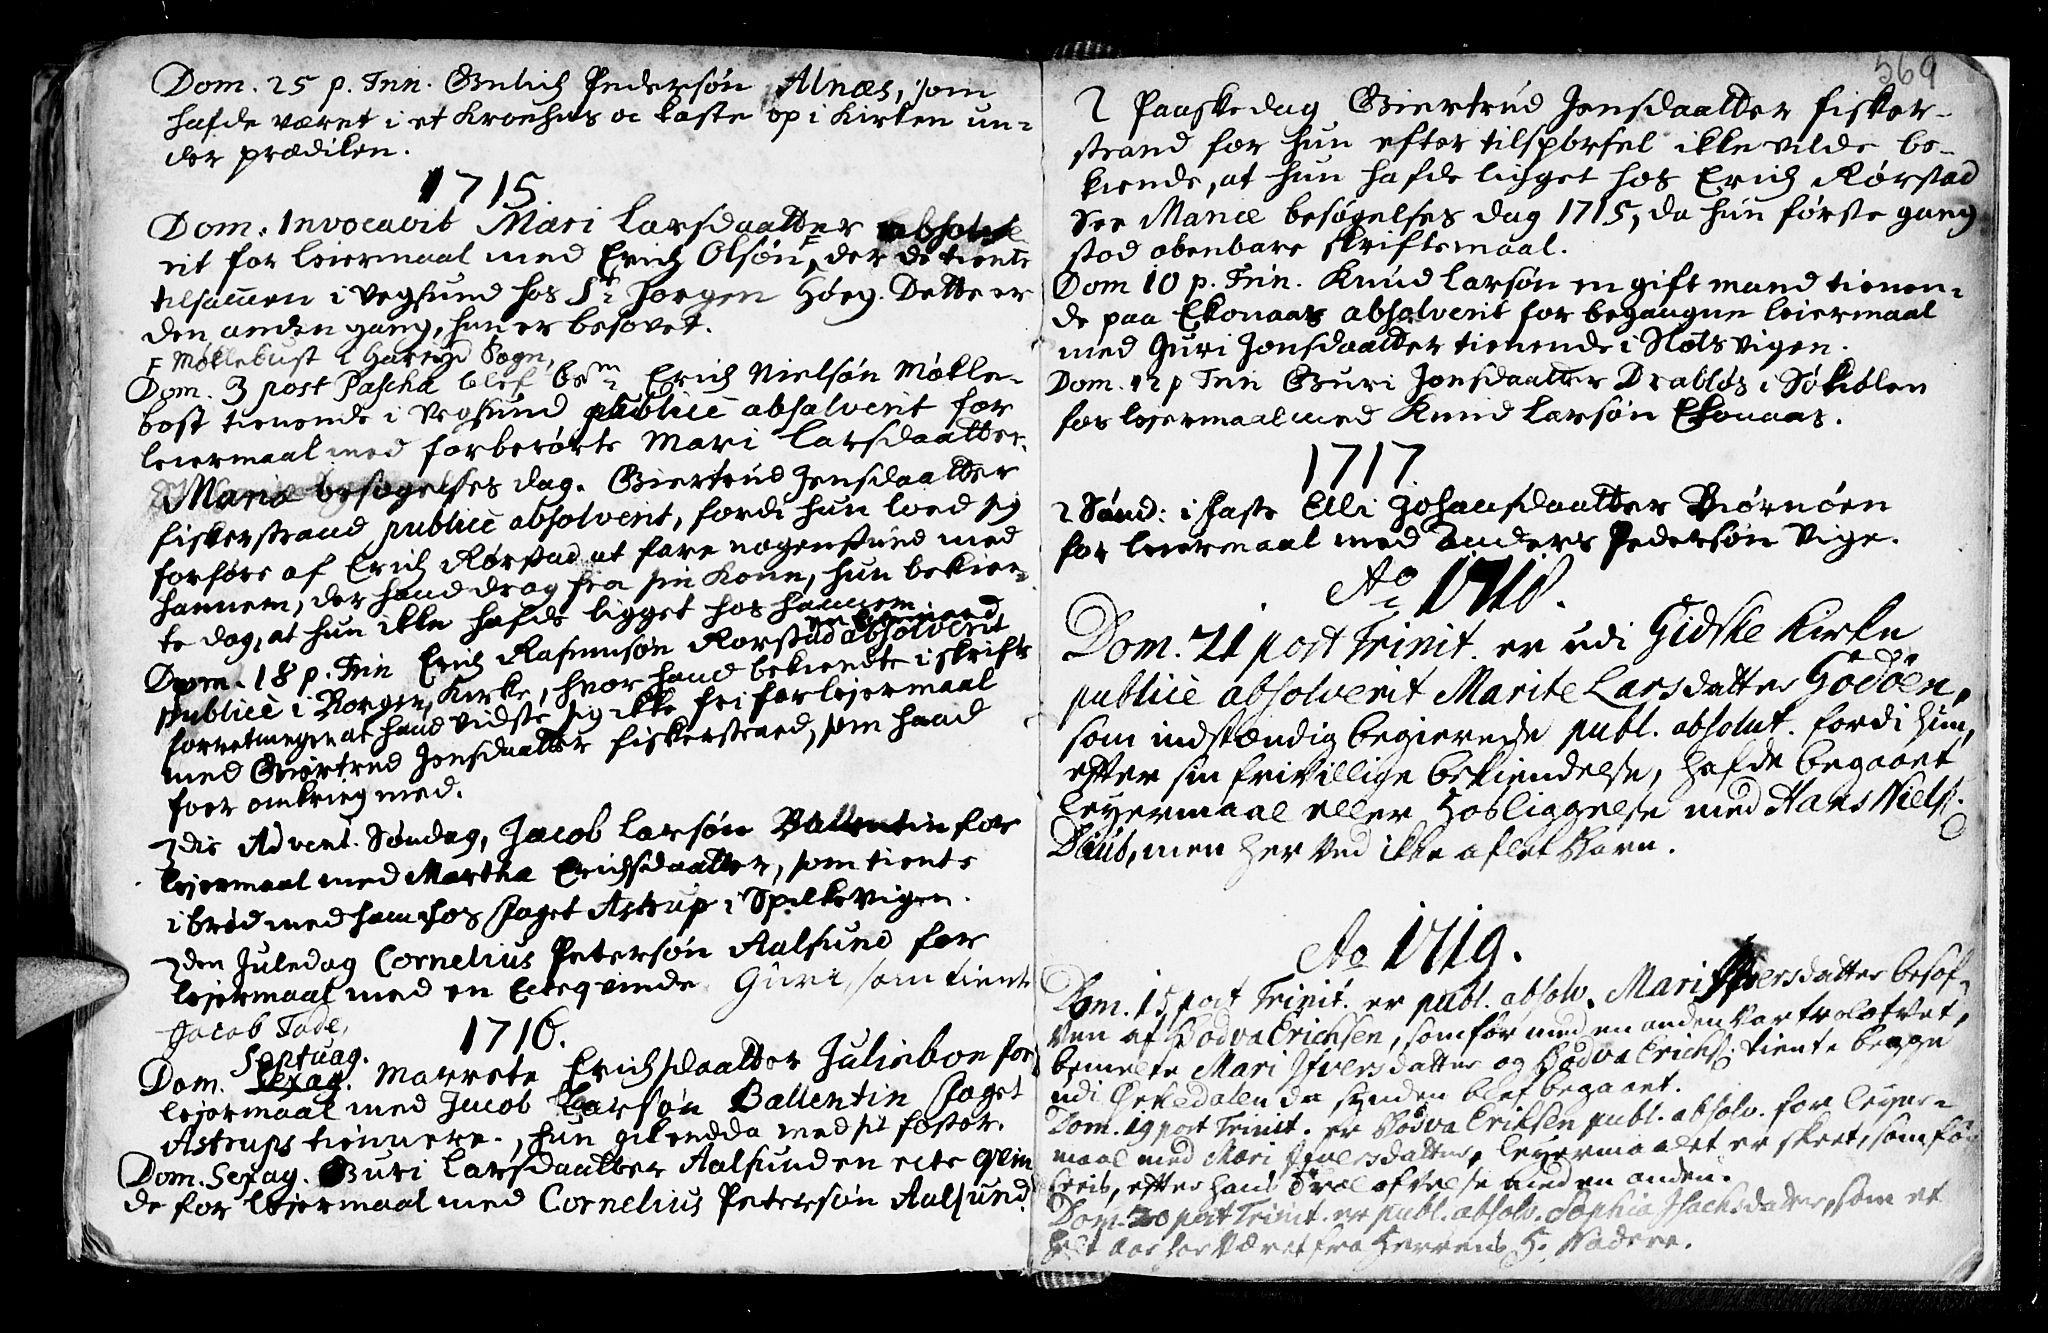 SAT, Ministerialprotokoller, klokkerbøker og fødselsregistre - Møre og Romsdal, 528/L0390: Ministerialbok nr. 528A01, 1698-1739, s. 568-569